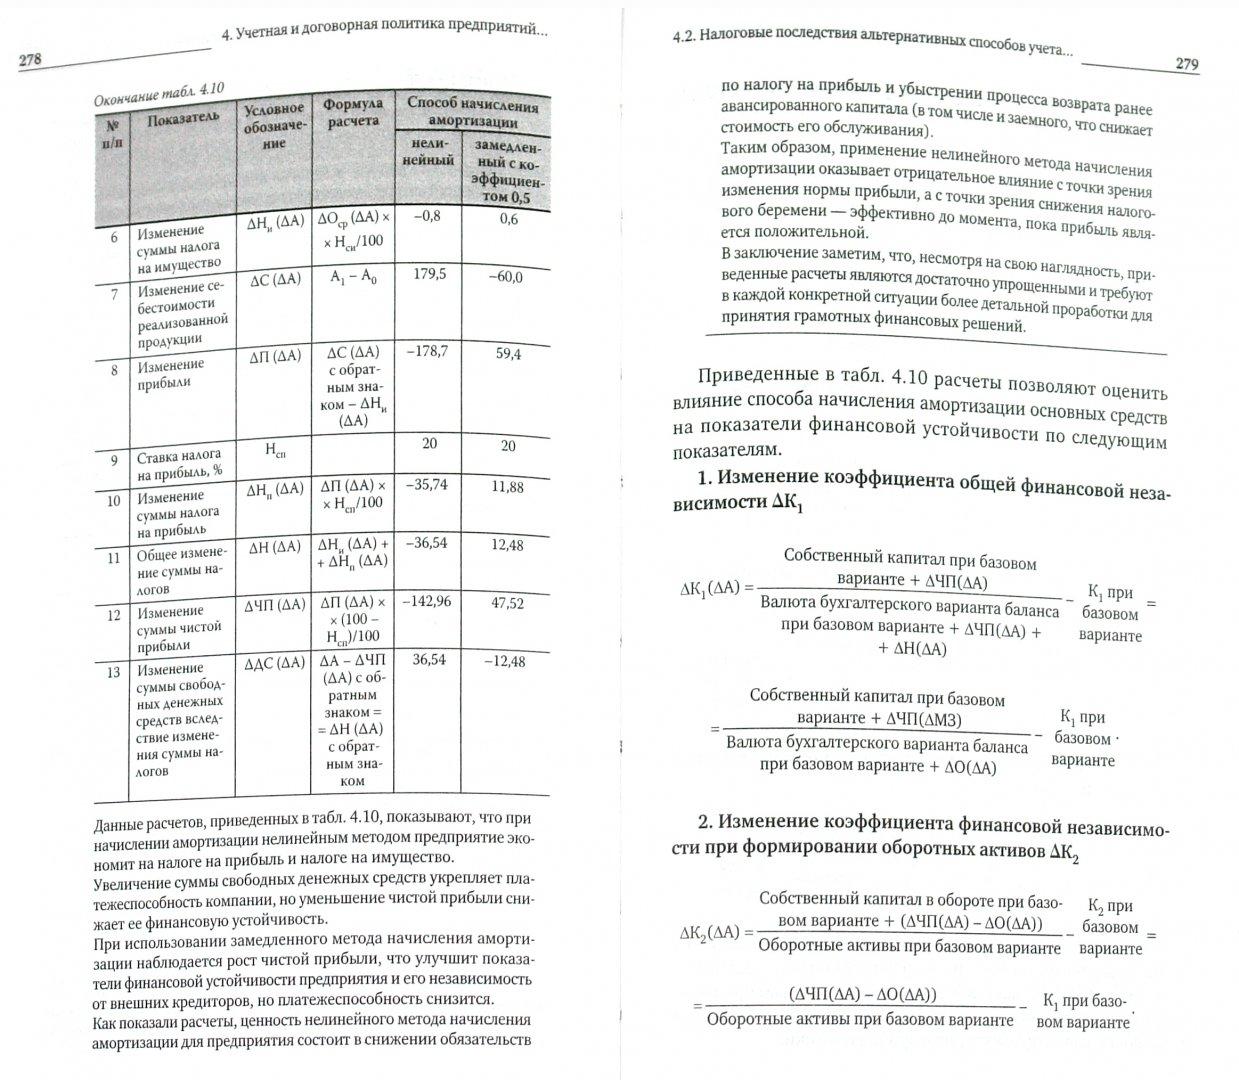 Иллюстрация 1 из 16 для Налоговое планирование: Учебник для магистров - Елена Вылкова | Лабиринт - книги. Источник: Лабиринт